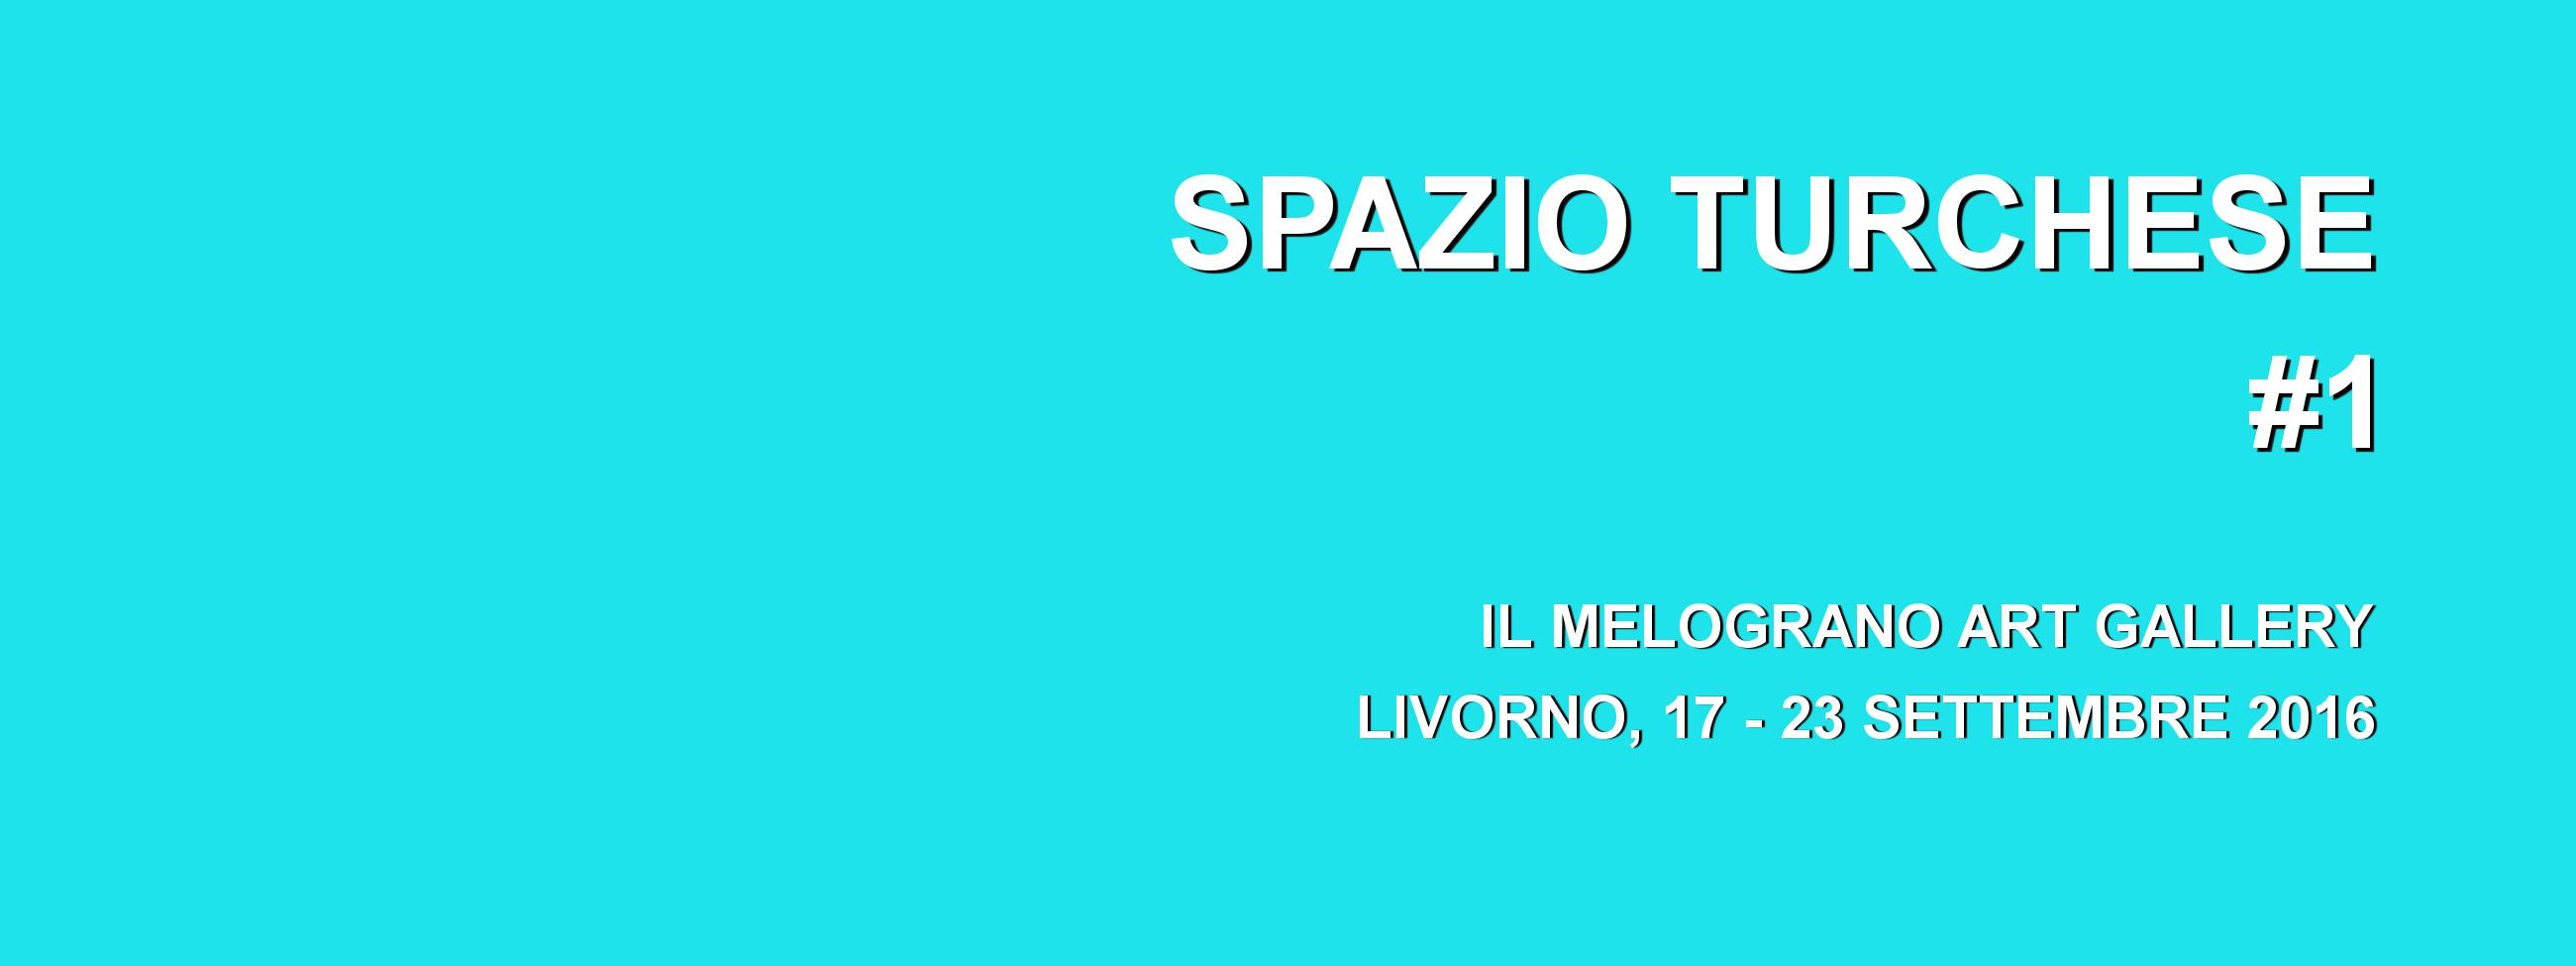 spazio-turchese-1-il-melograno-art-gallery